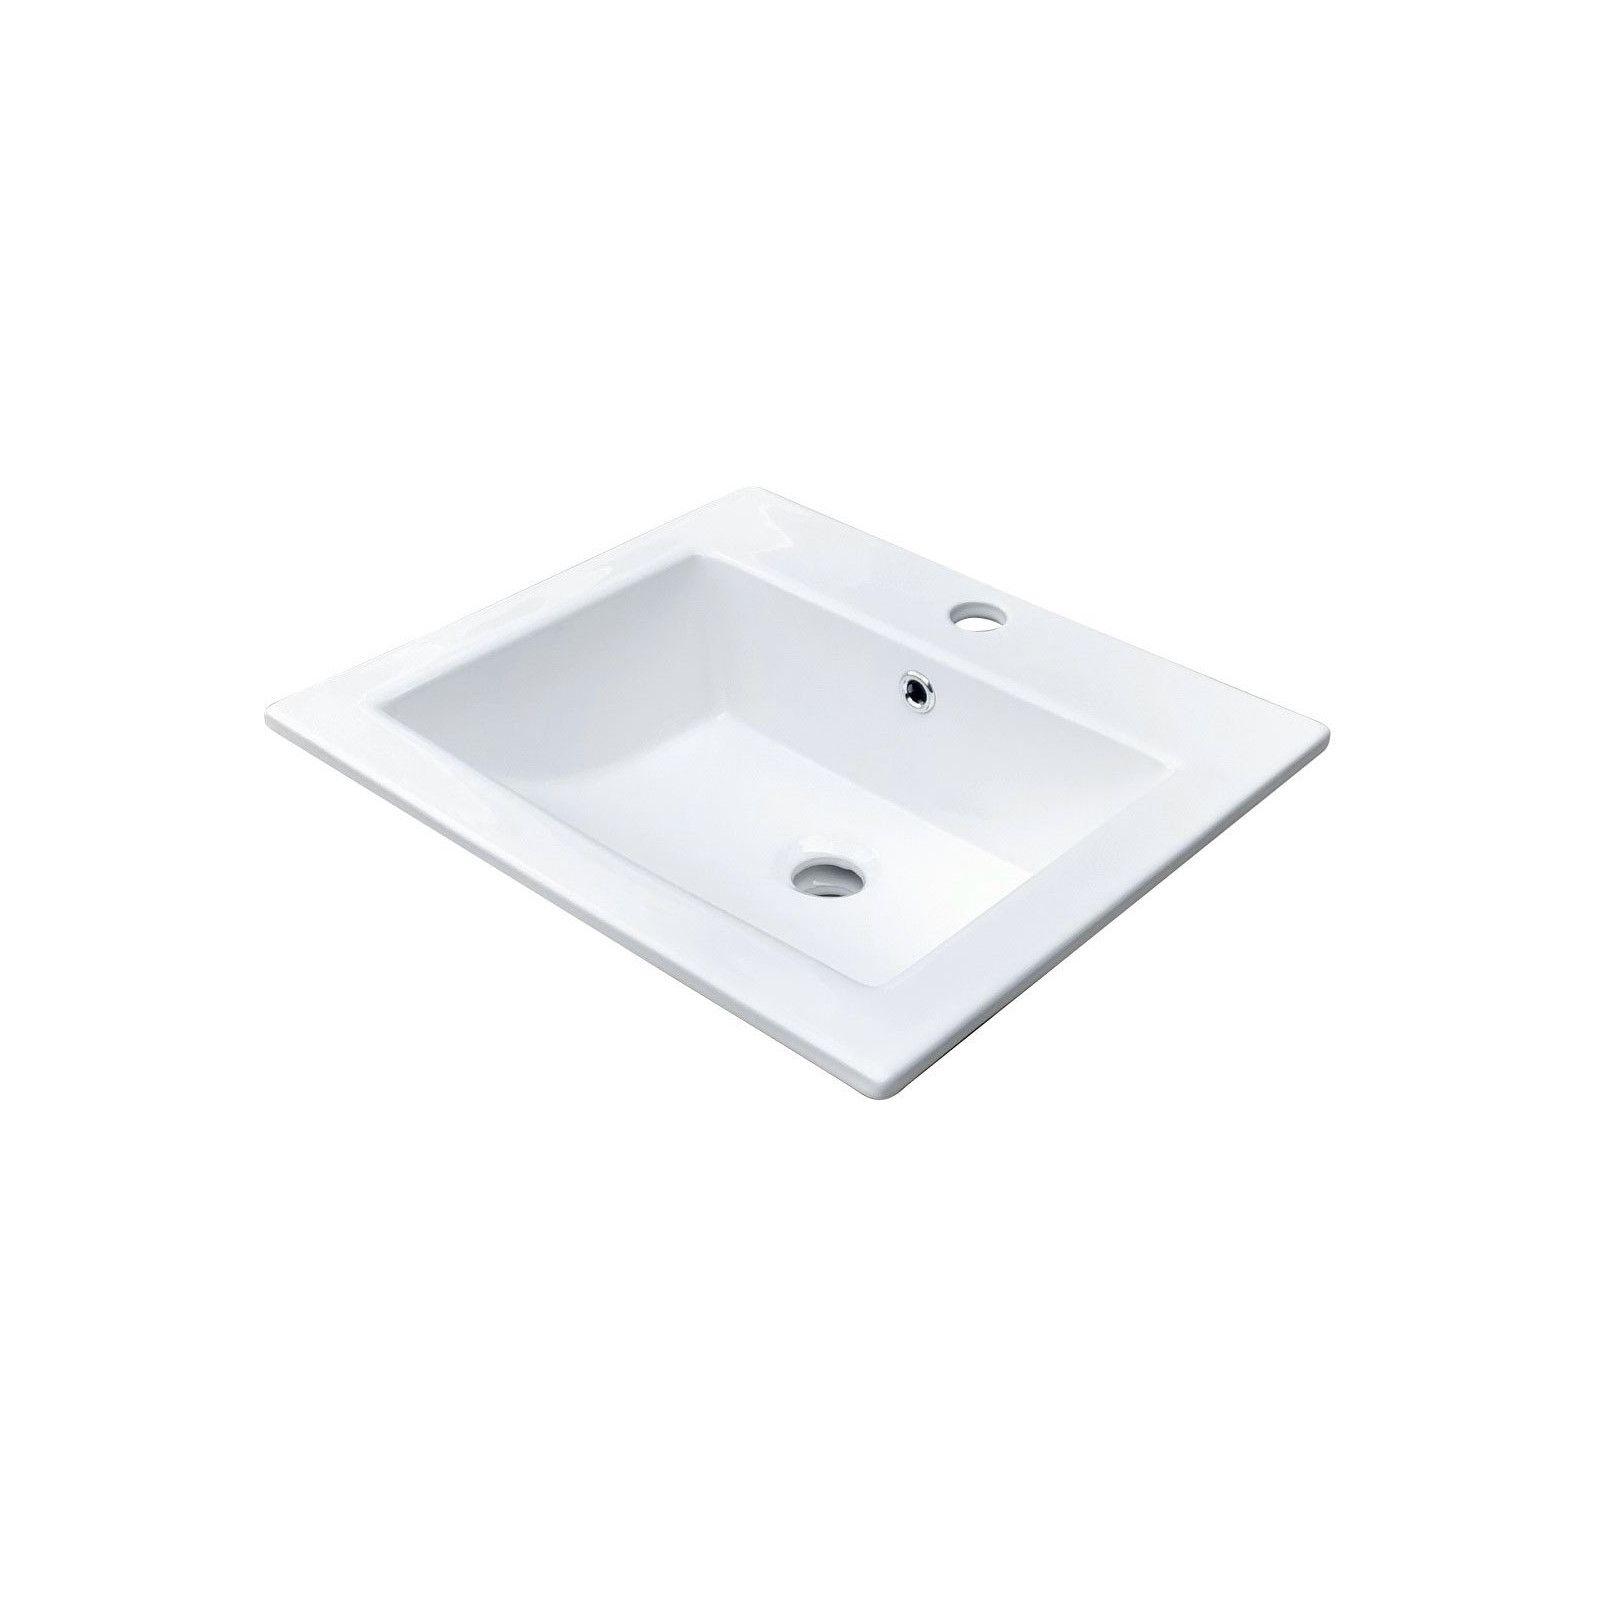 Lot de 2 vasques blanches à encastrer Céramique L50 LINA